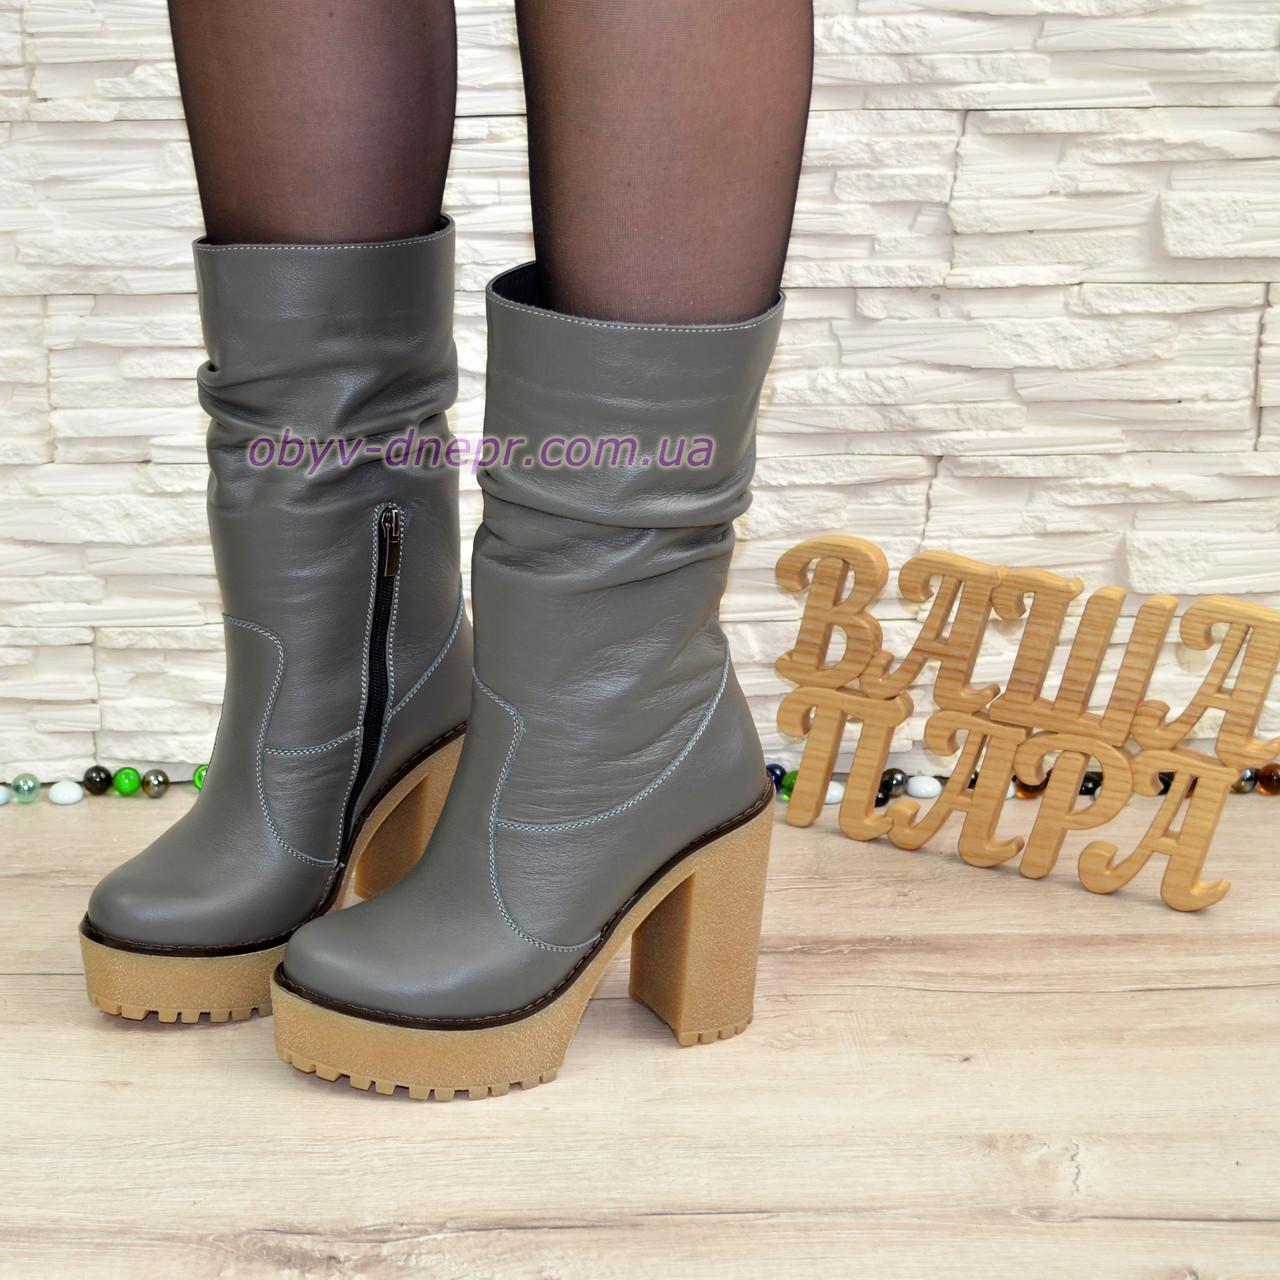 Ботинки кожаные зимние на высоком каблуке, цвет серый.